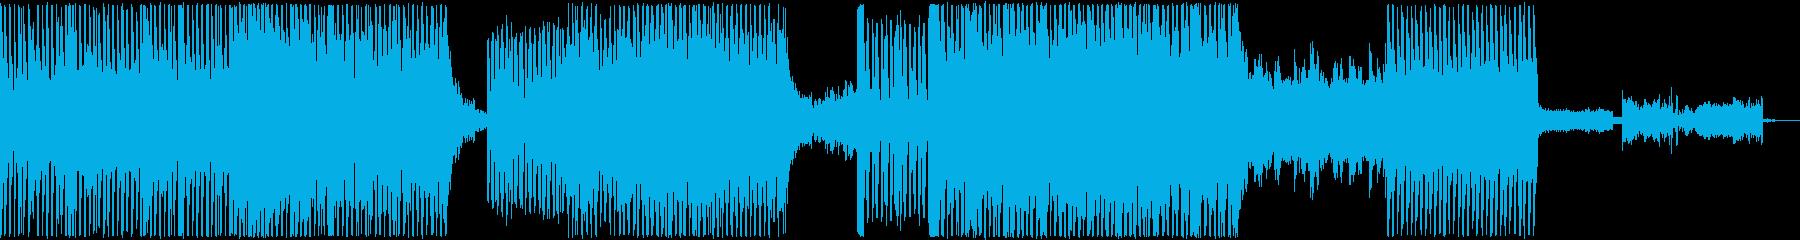 ダークでクールなBGMの再生済みの波形